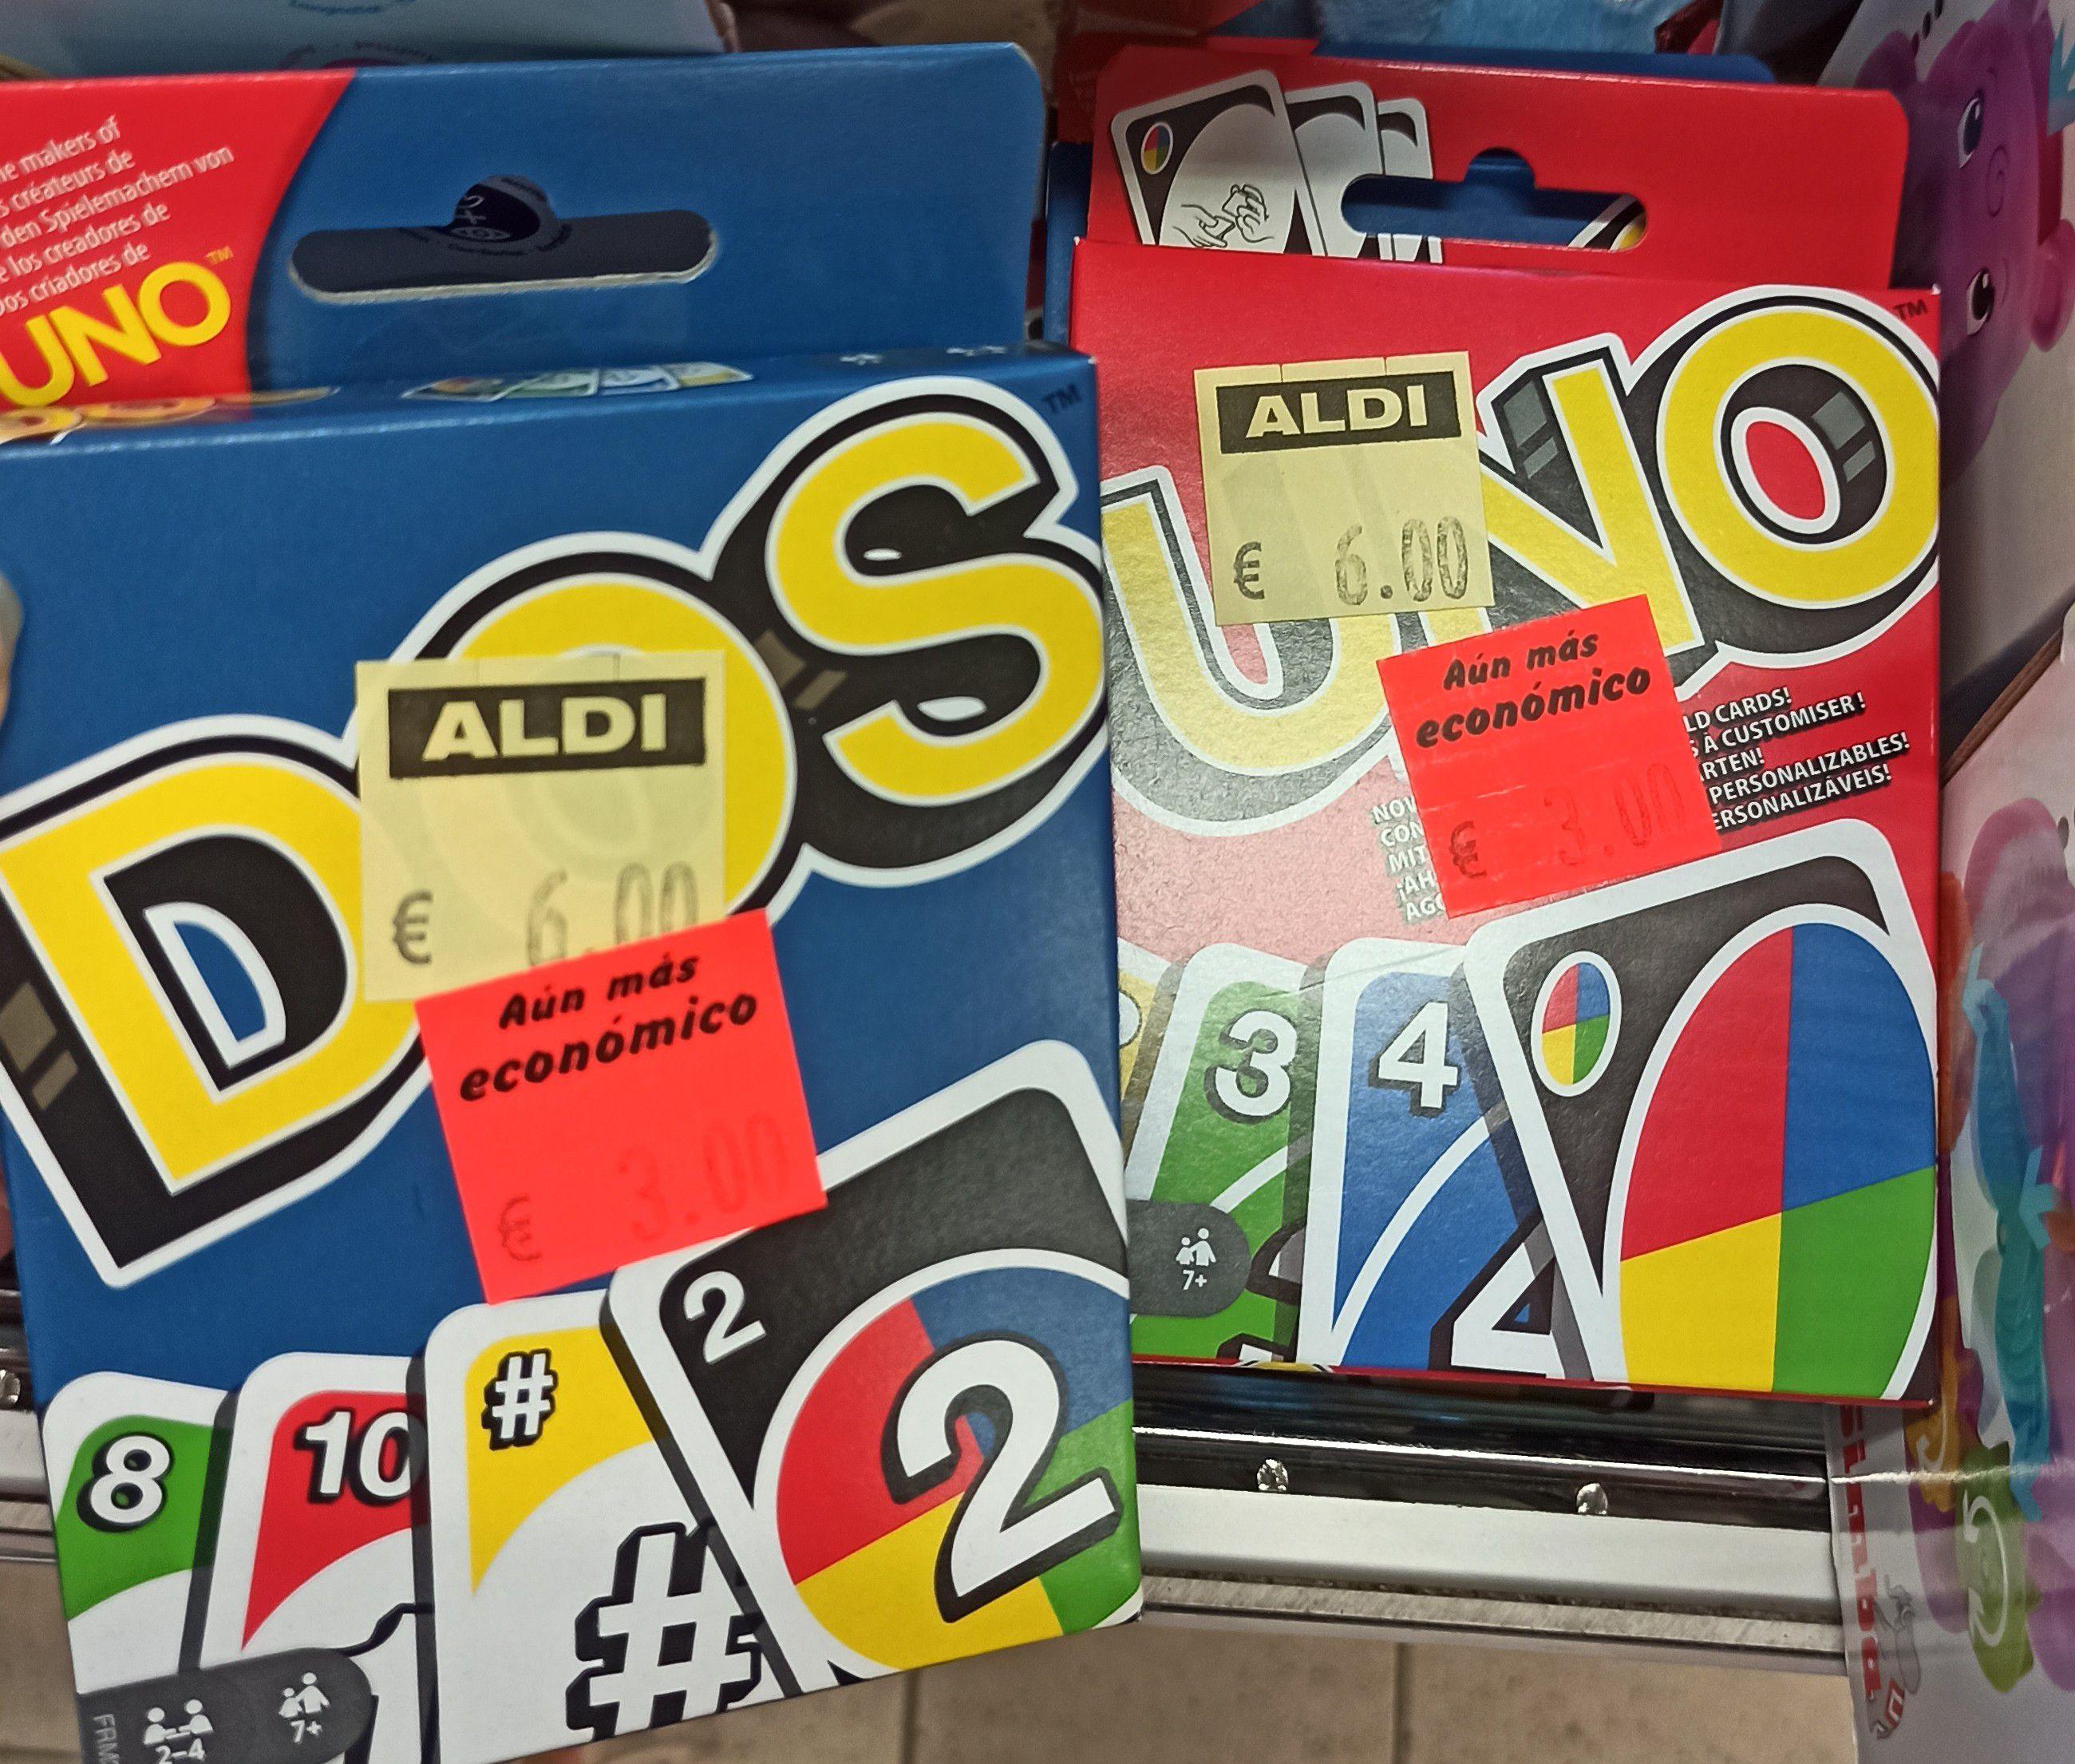 Juego de cartas Uno y Dos en bazar de Aldi de Sevilla (Los Remedios)